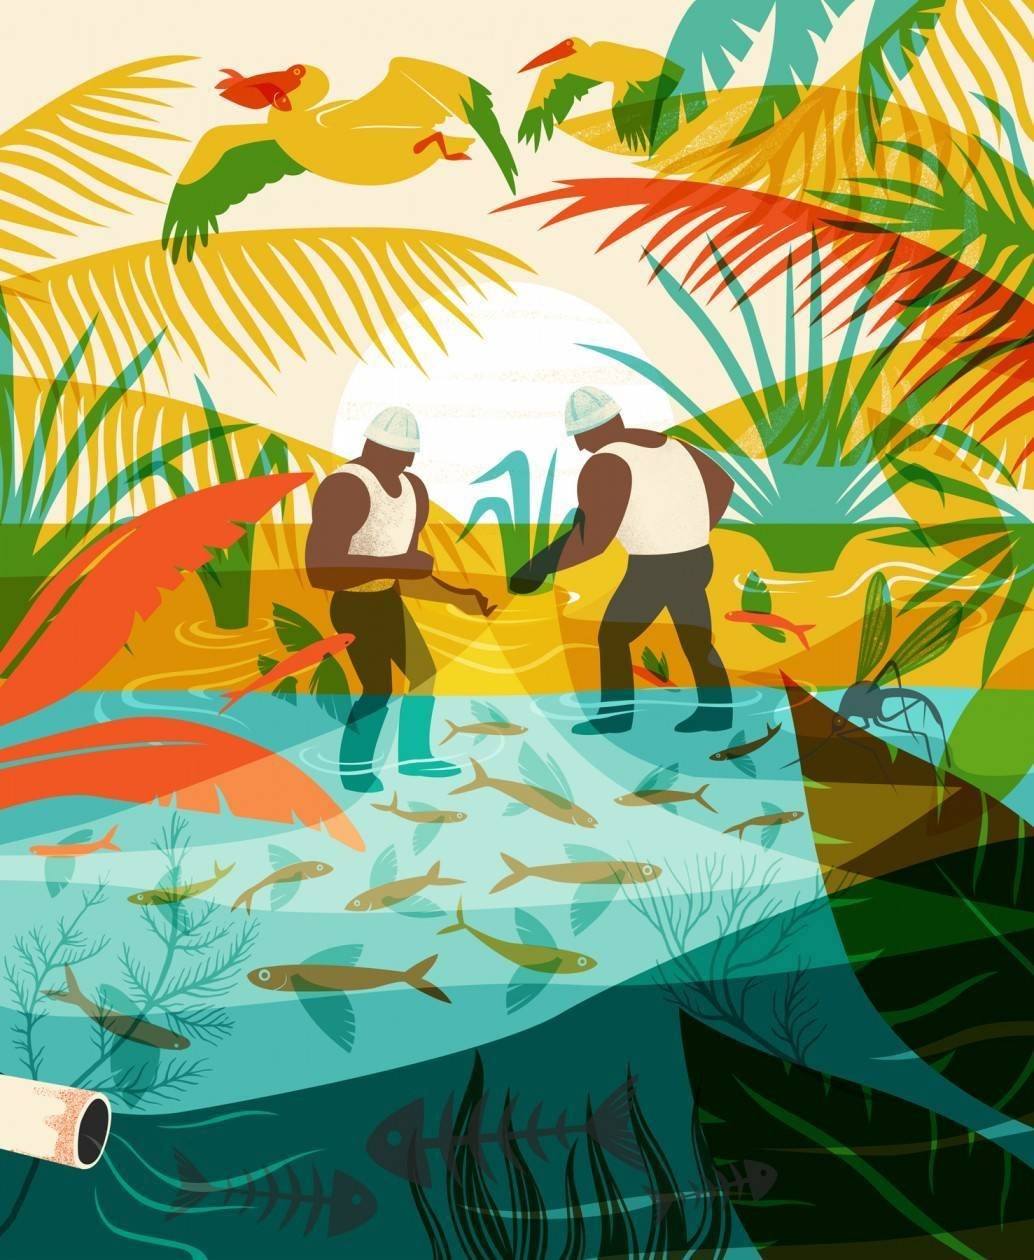 אסנת פייטלסון. בריכה לבטלה: הזיהום הסביבתי שגורמים הדייגים בעמק בית שאן